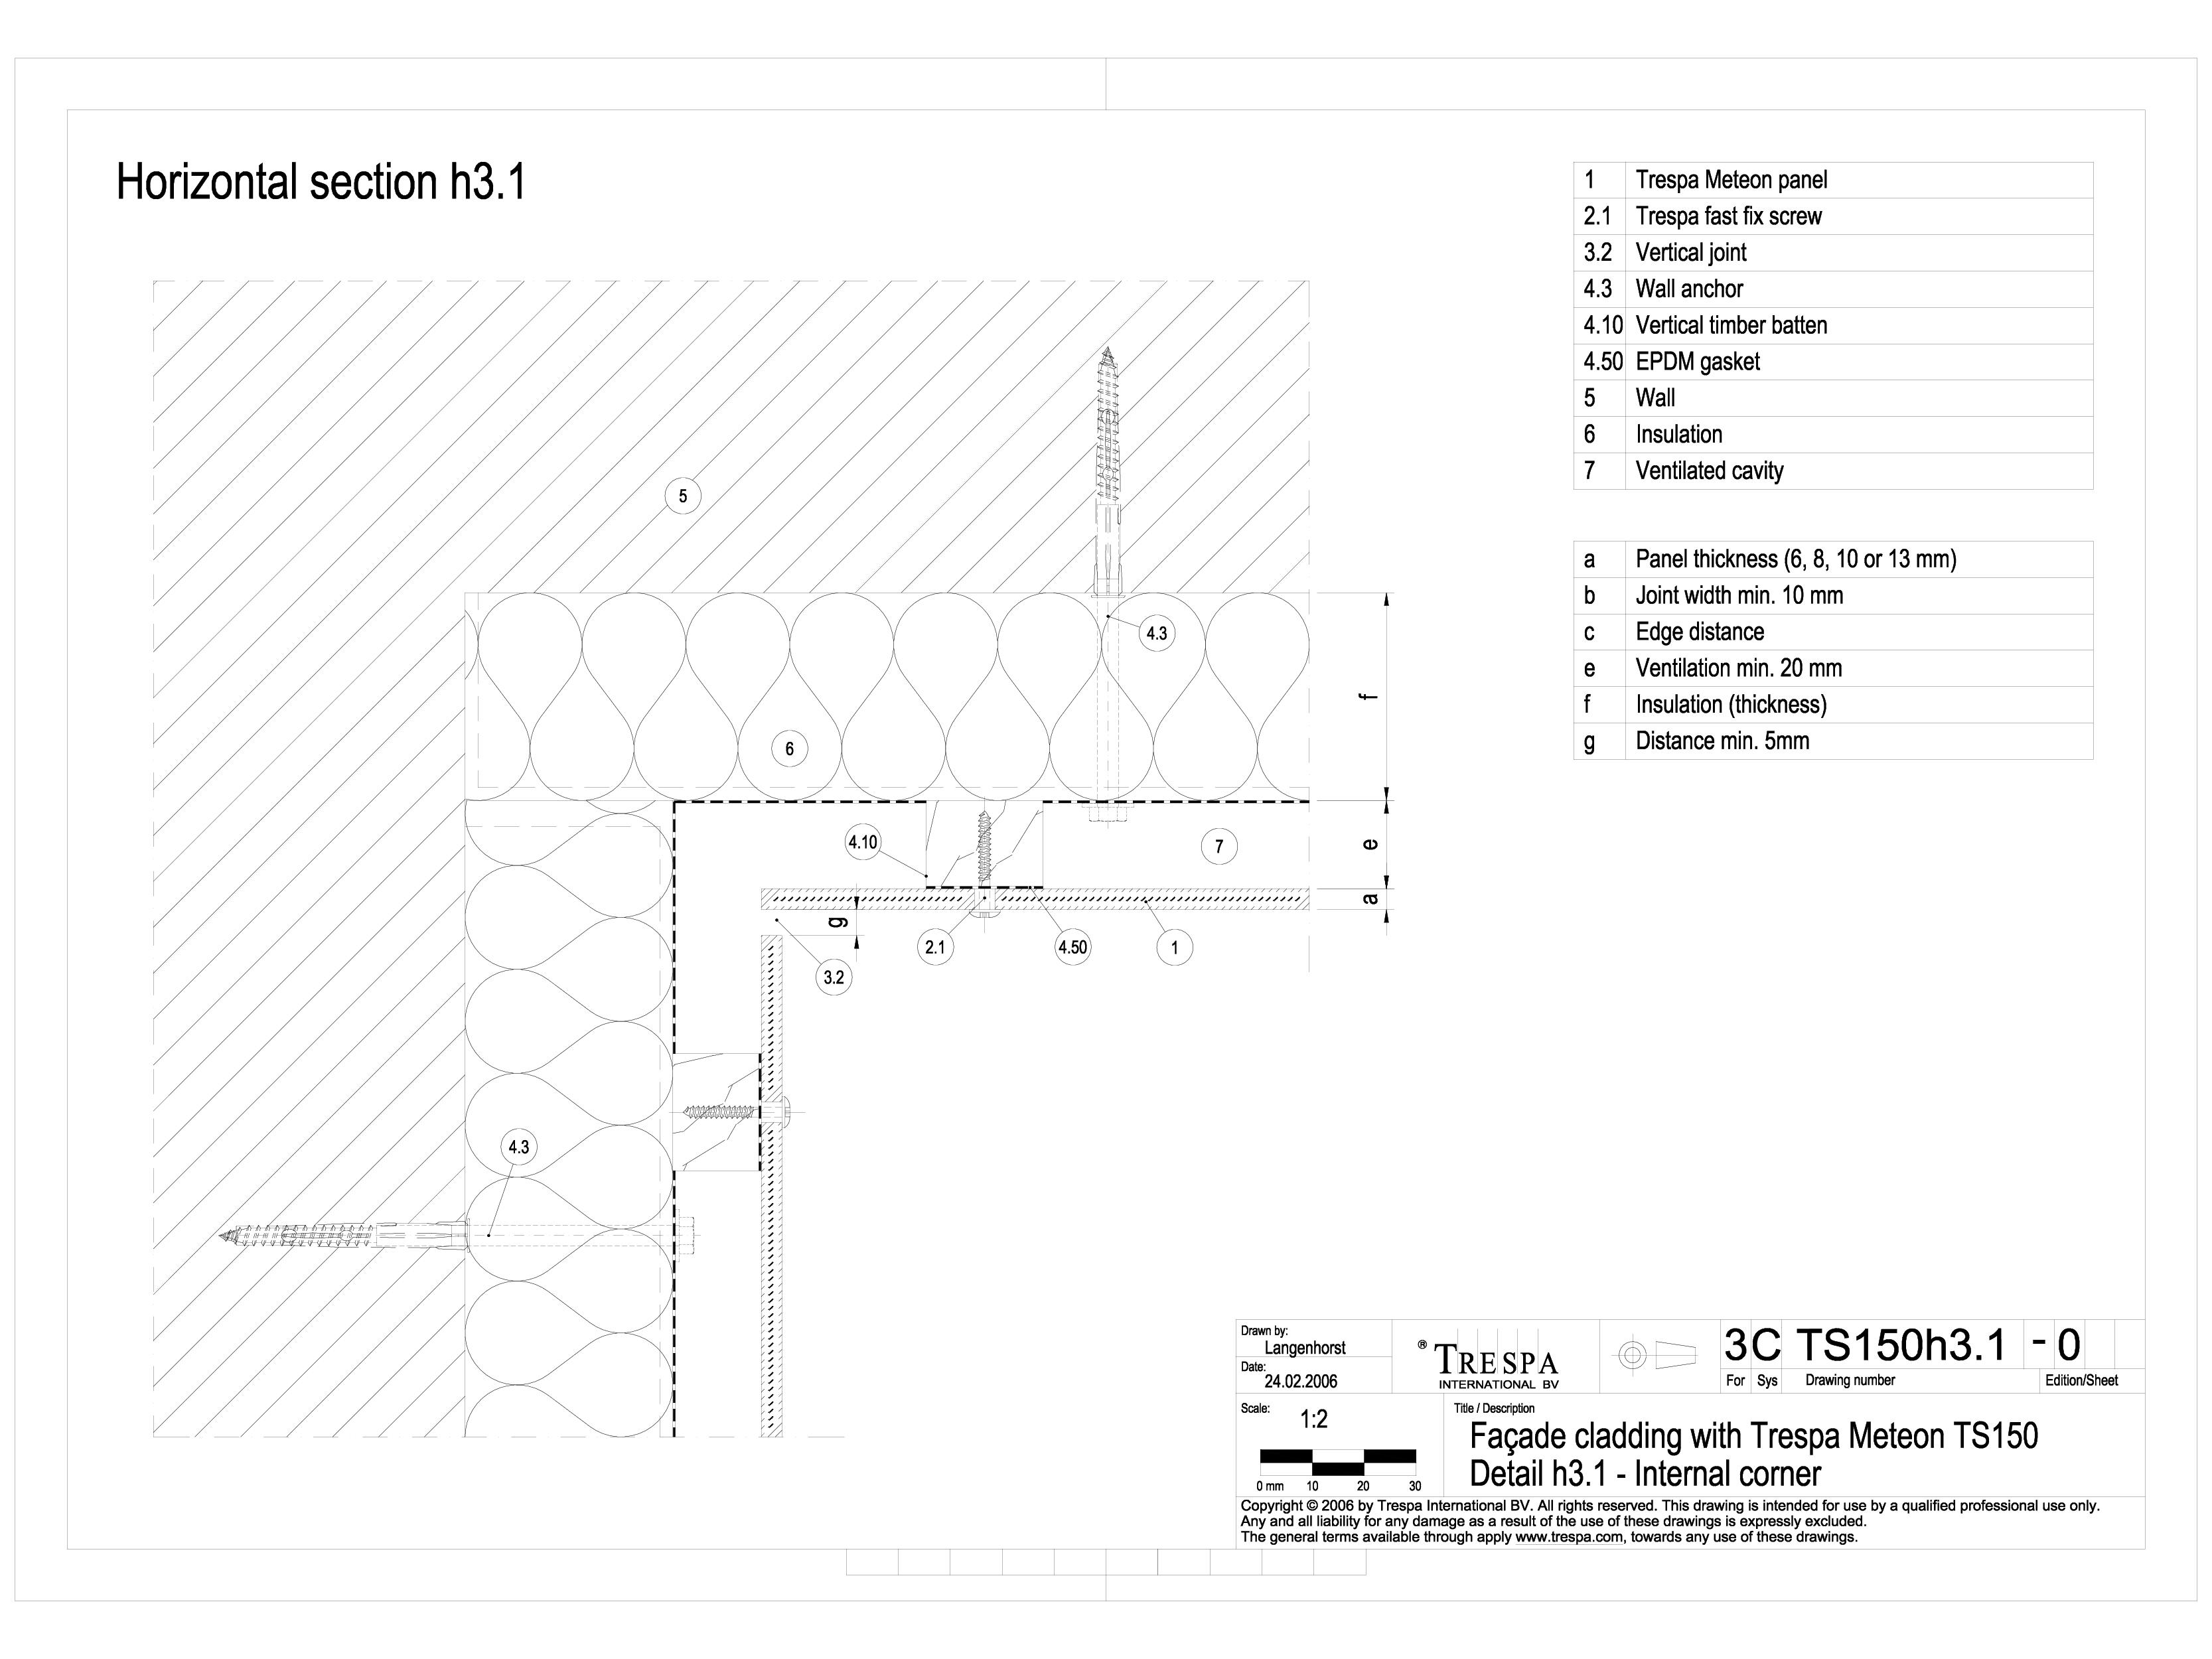 Sisteme de prindere fatade ventilate invizibile cu suruburi si cadru din lemn, detaliu colt interior METEON TRESPA Placi HPL pentru fatade ventilate GIBB TECHNOLOGIES  - Pagina 1